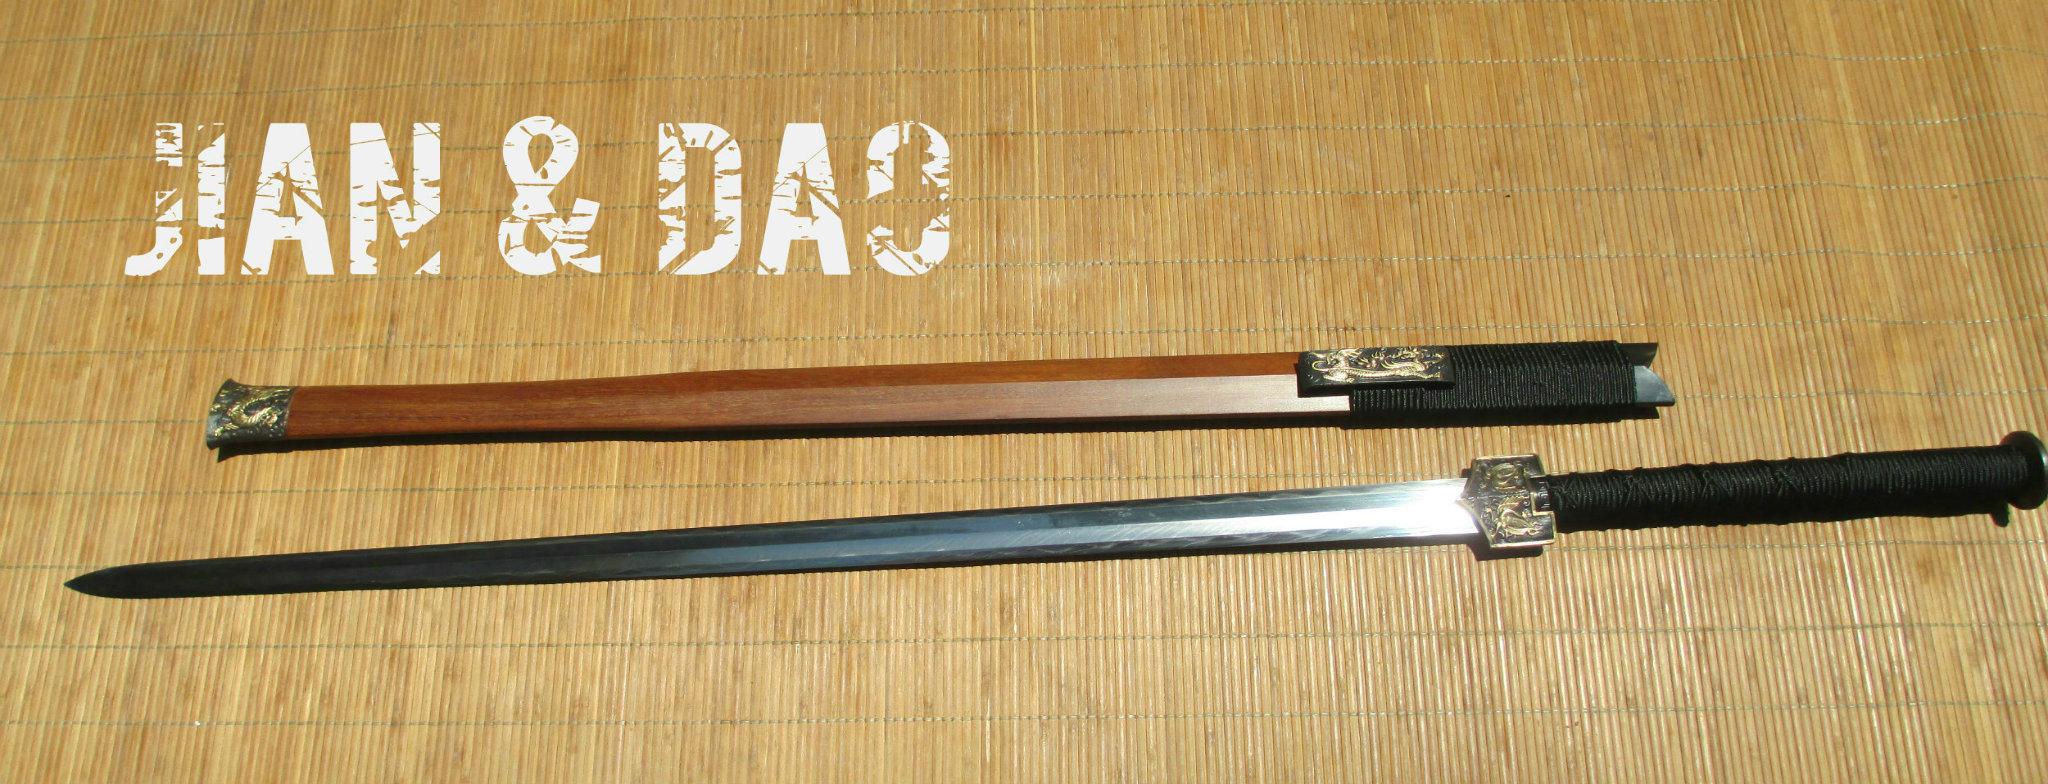 Самурайский меч из дерева своими руками 22